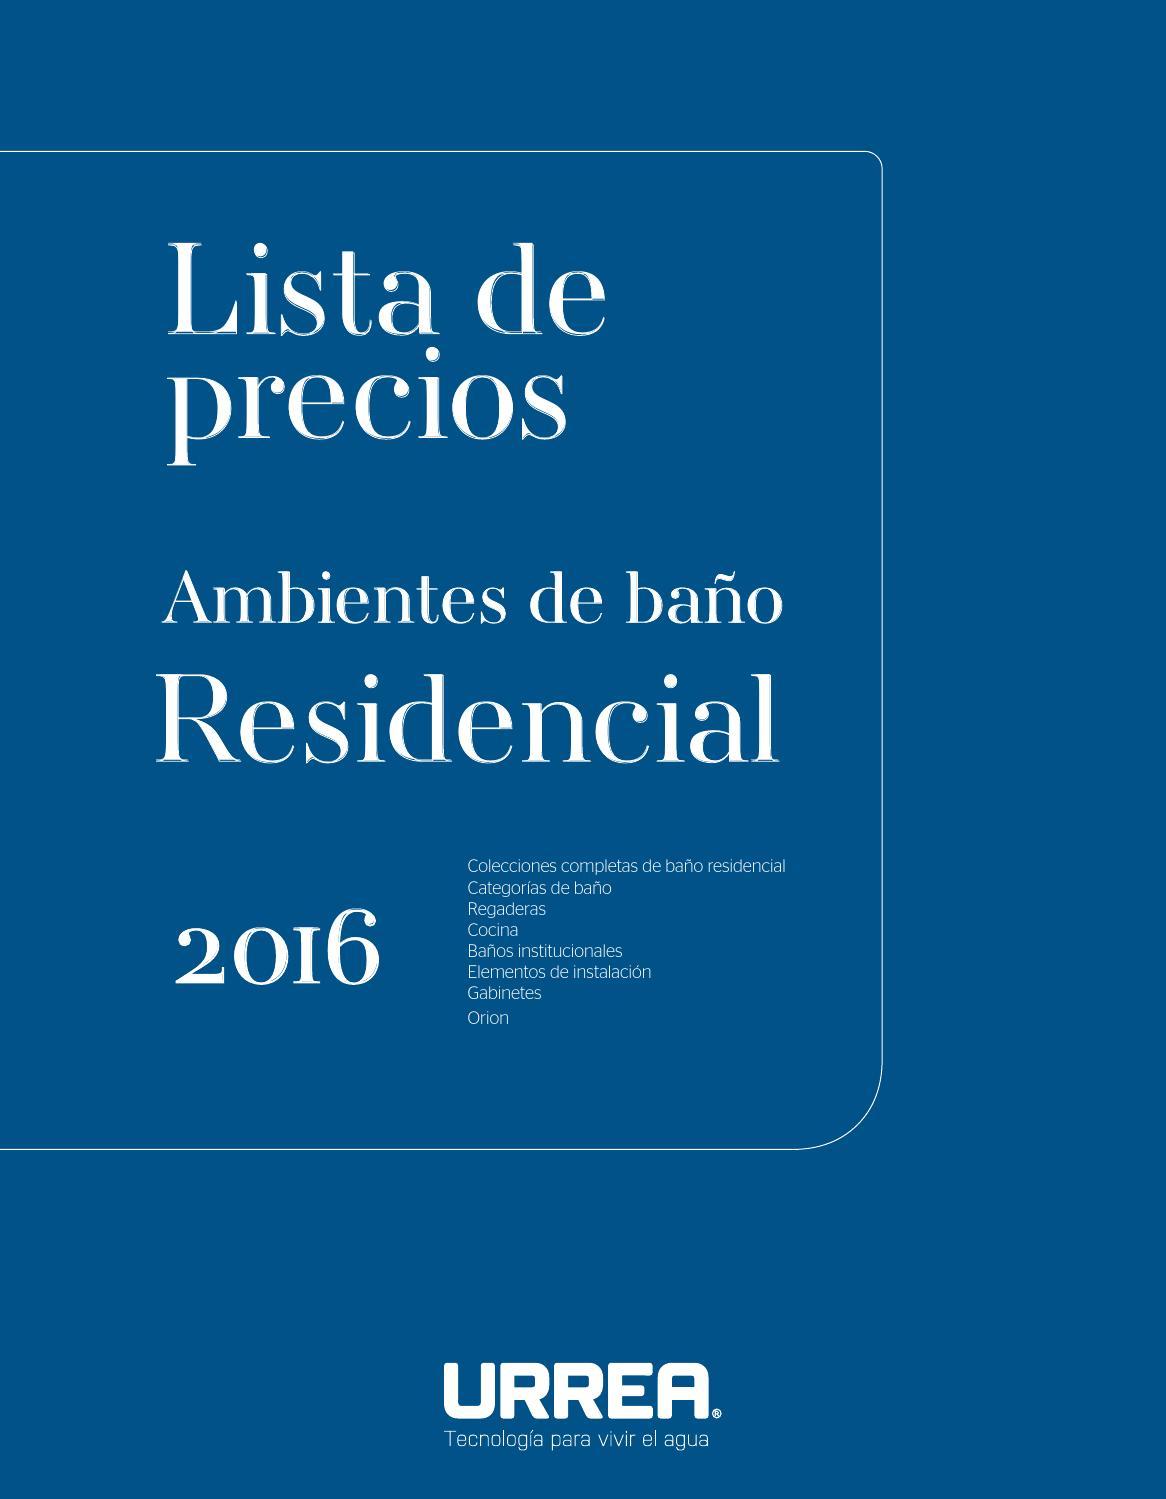 Lp urrea residencial 2016 by urrea m xico issuu for Catalogos de banos 2016